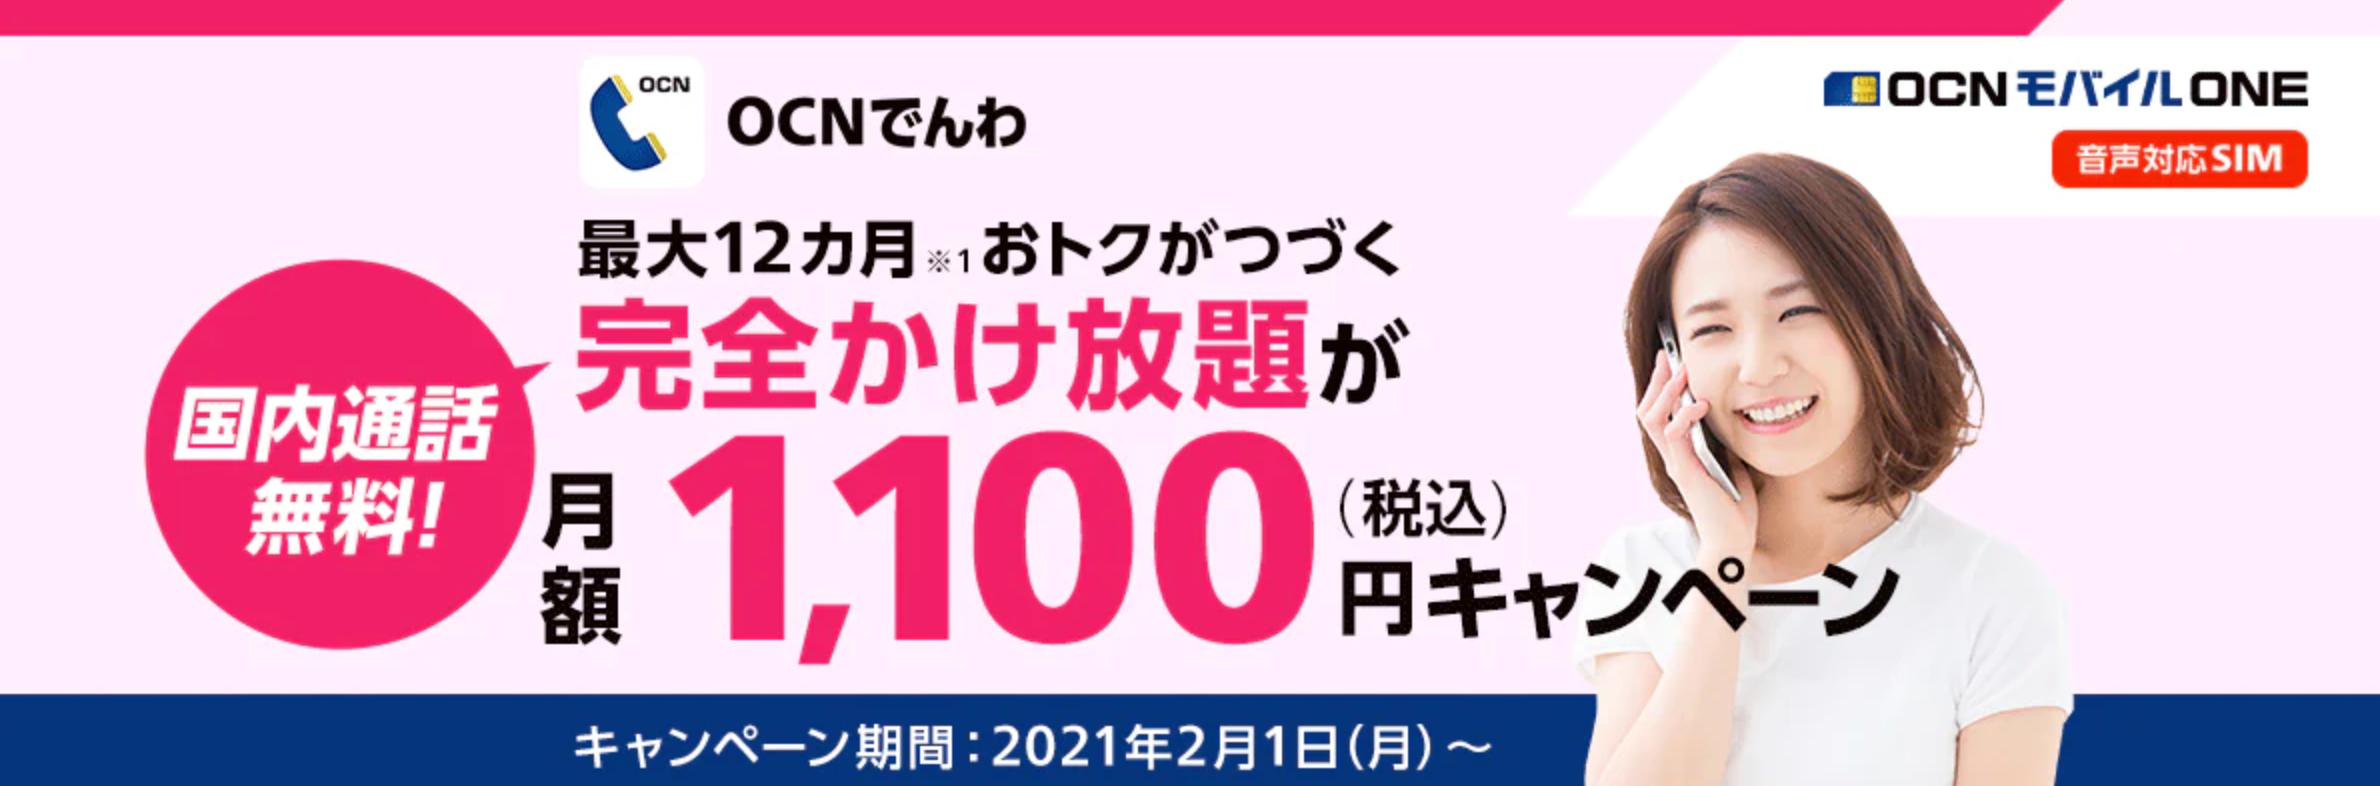 格安SIM_キャンペーン_OCNモバイルONE_OCNでんわ 最大12カ月おトクがつづく完全かけ放題が月額1,000円(税込1,100円)キャンペーン